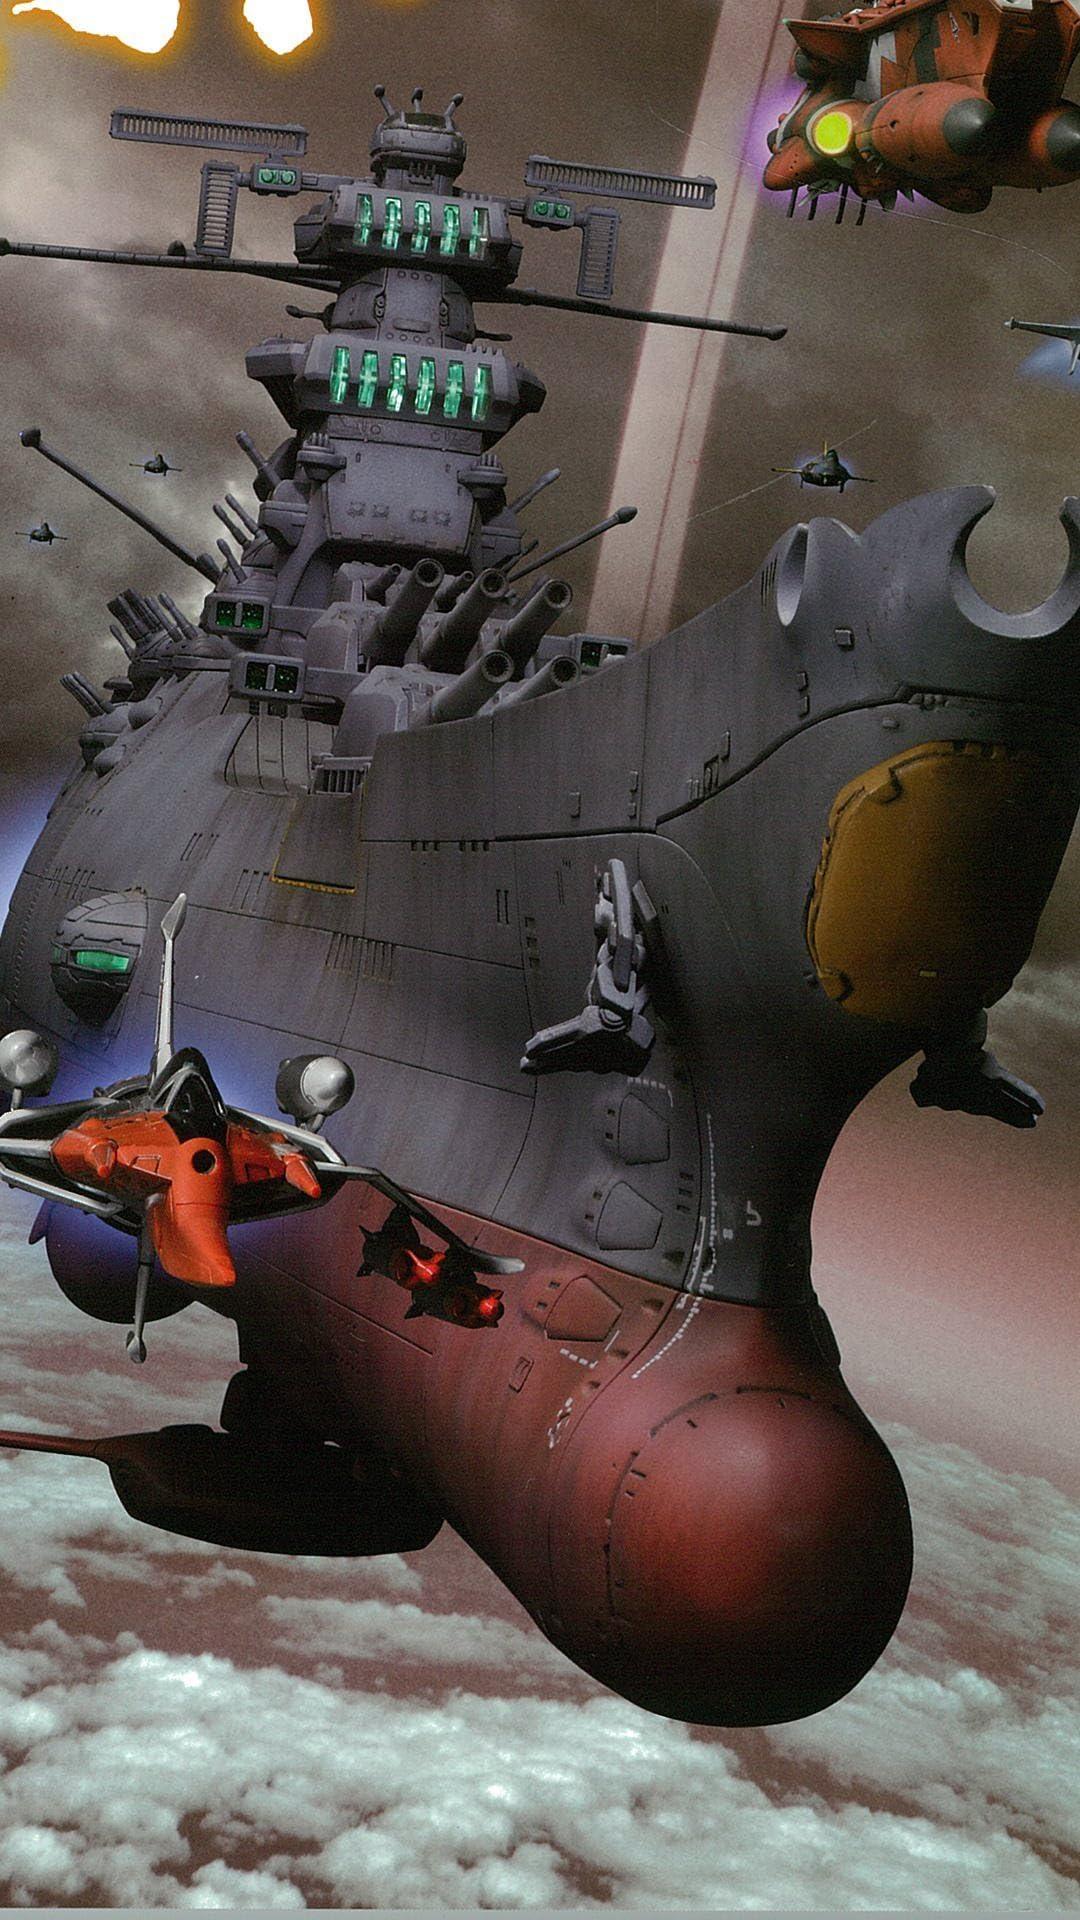 宇宙戦艦ヤマト 宇宙戦艦ヤマト2199 星巡る方舟 フルhd 1080 1920 スマホ